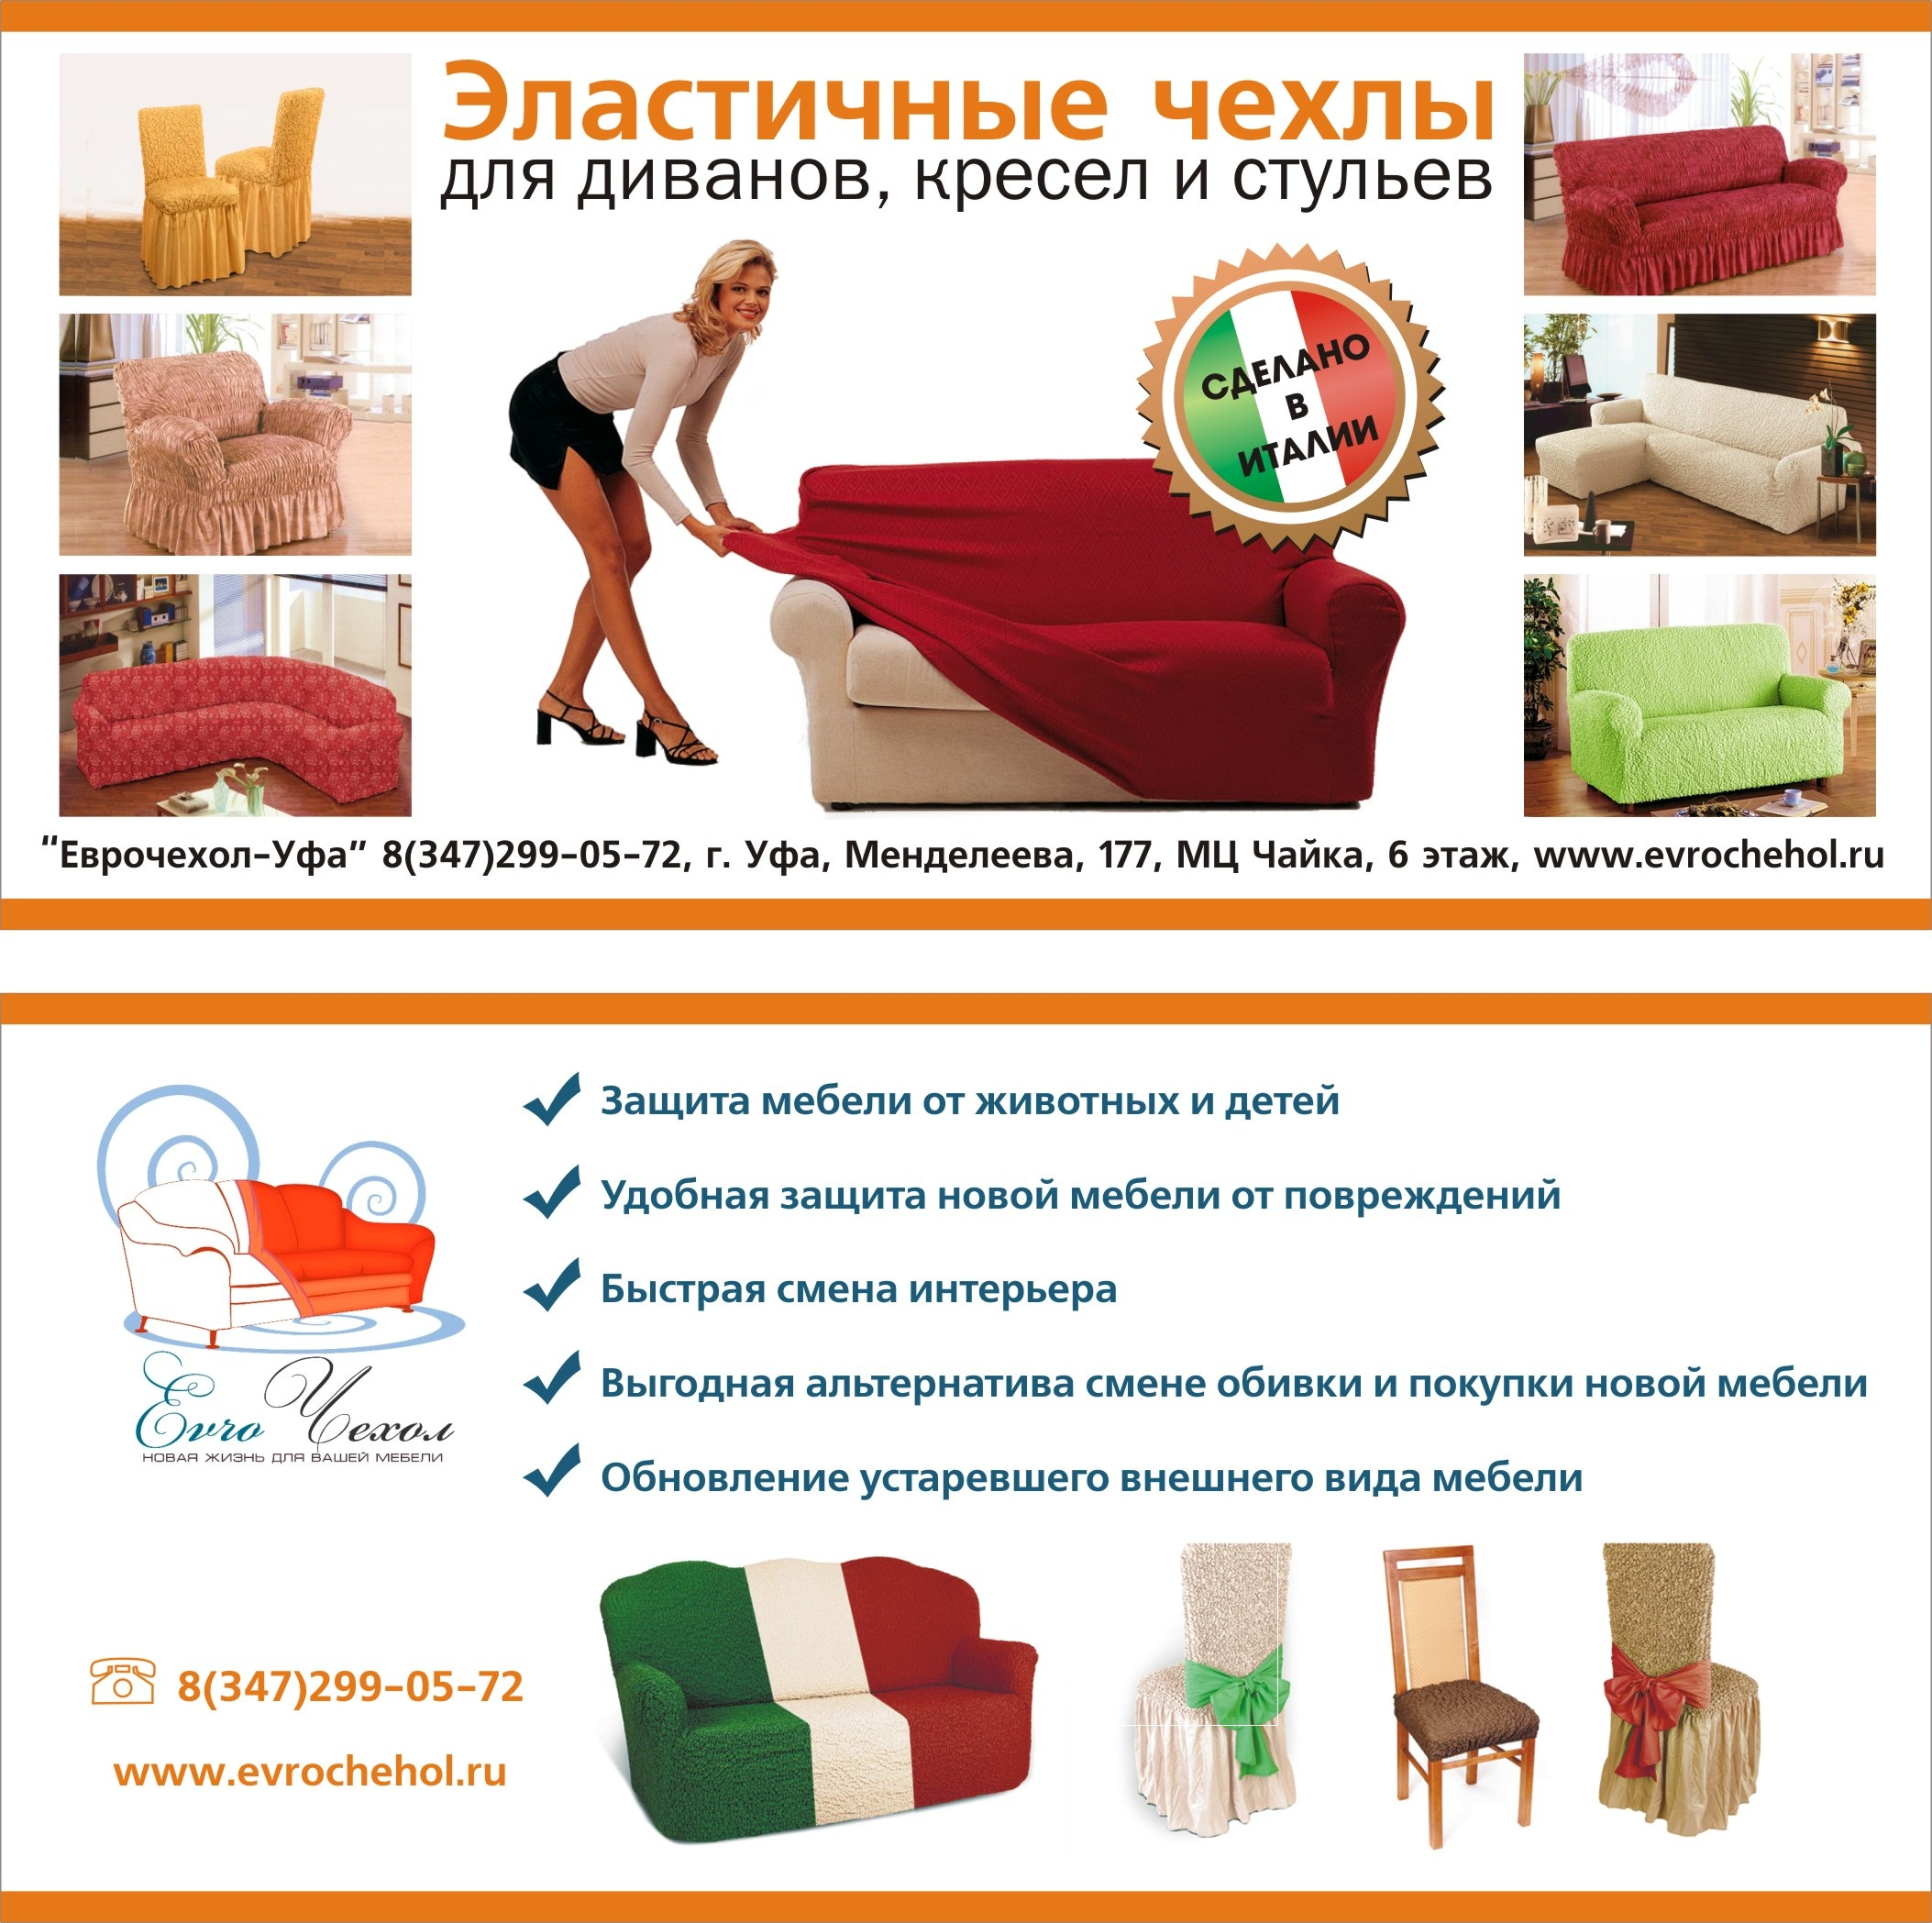 Вместо перетяжки-готовые эластичные  чехлы для диванов, кресел, стульев!